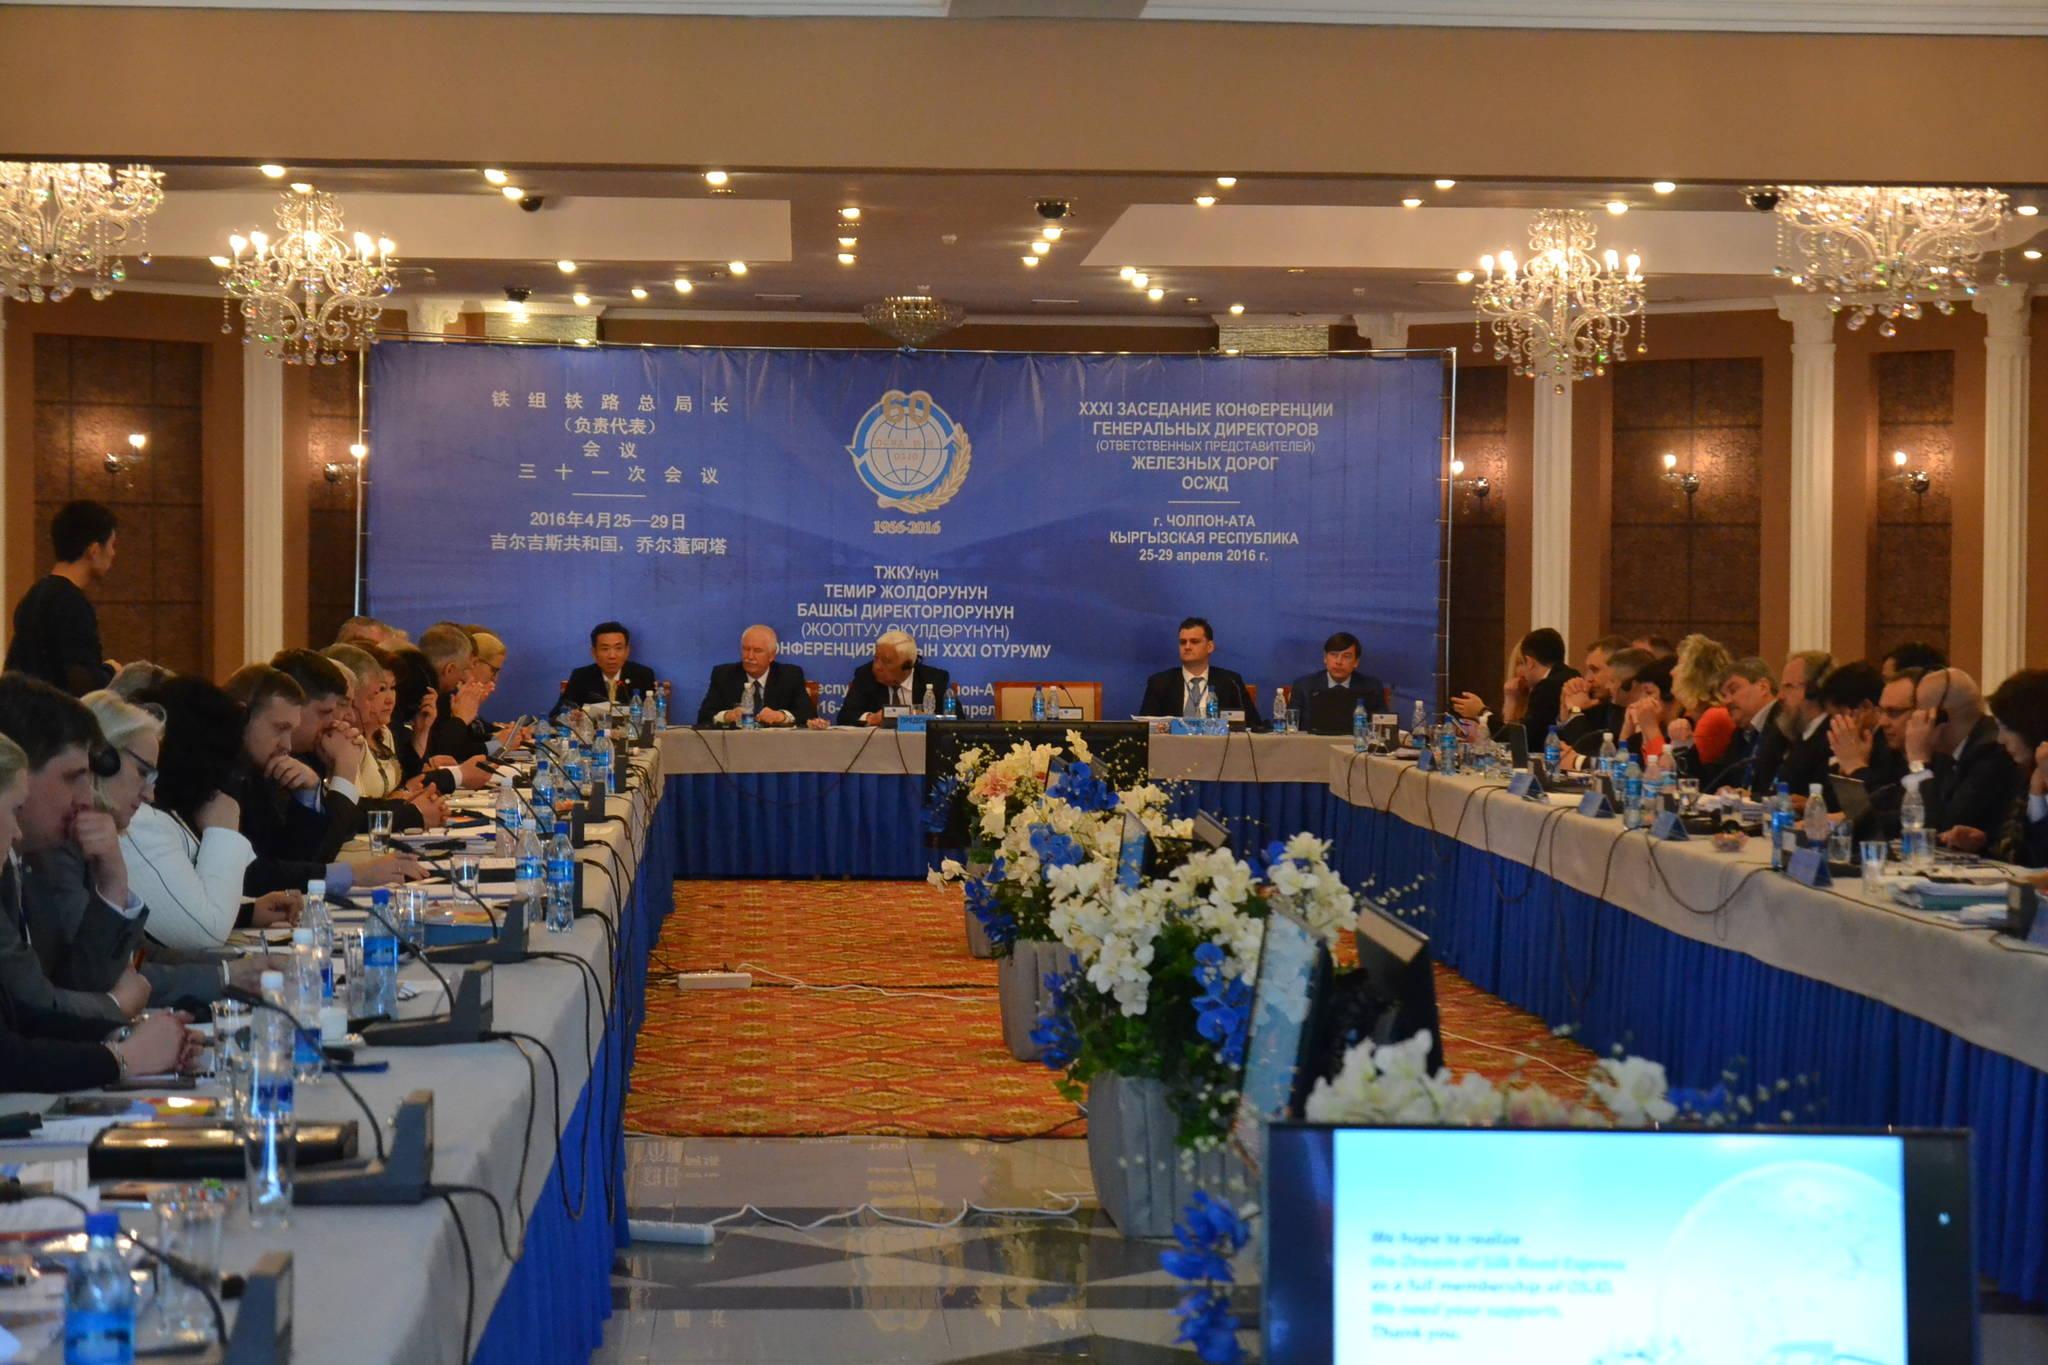 2016년 키르키스스탄에서 열린 OSJD 사장단 회의. [사진 코레일]